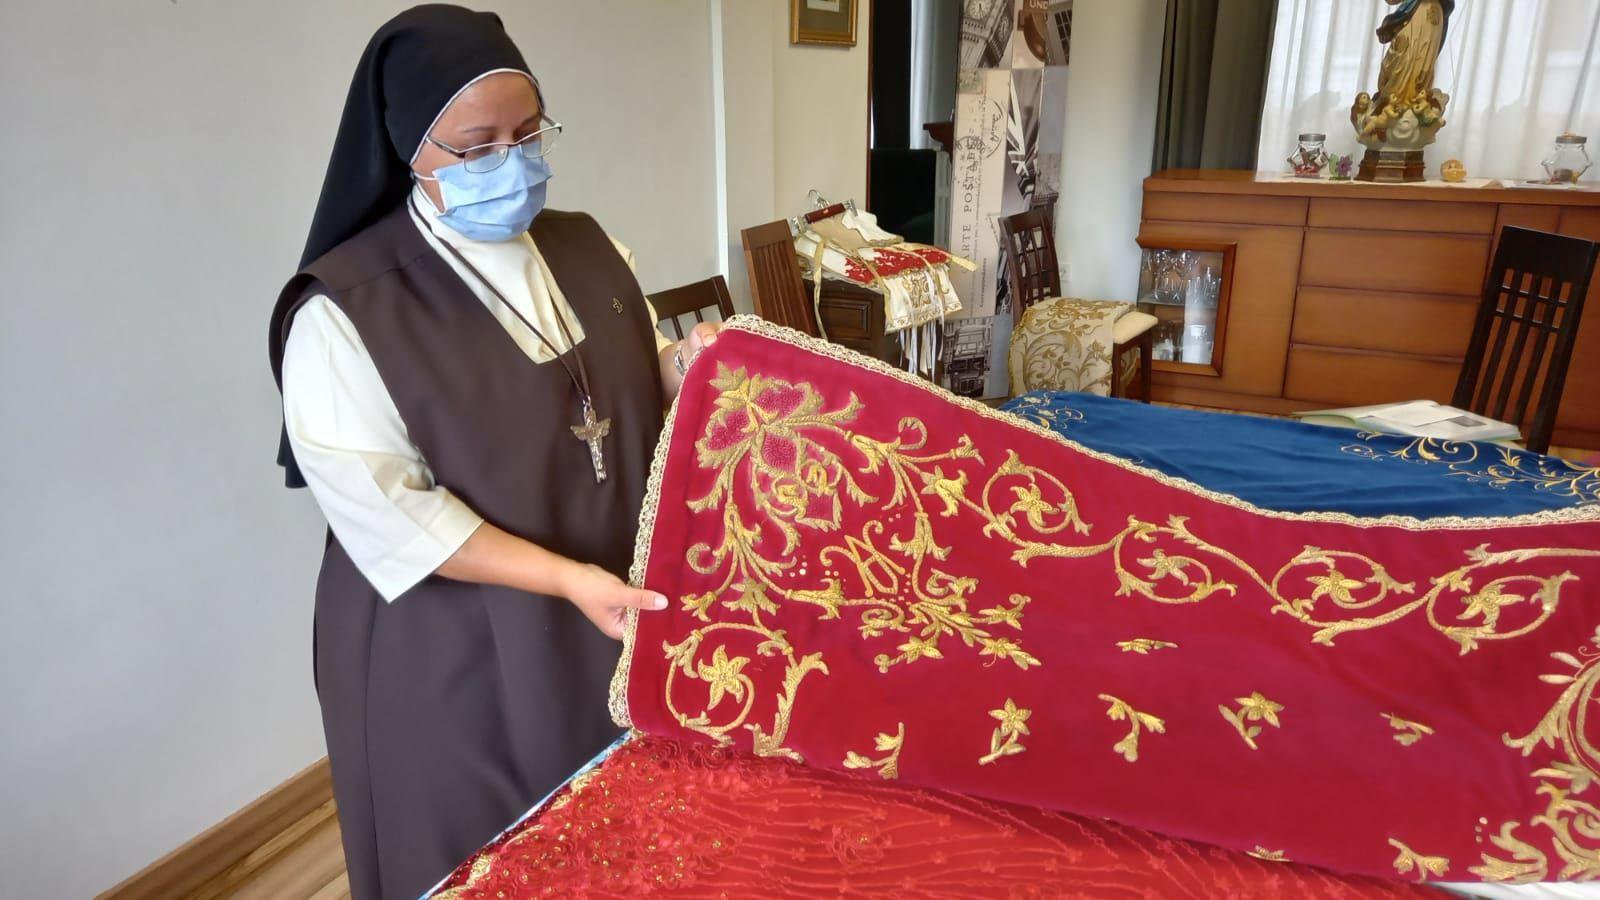 El ropero de la Santina: más de medio centenar de mantos dignos de una reina